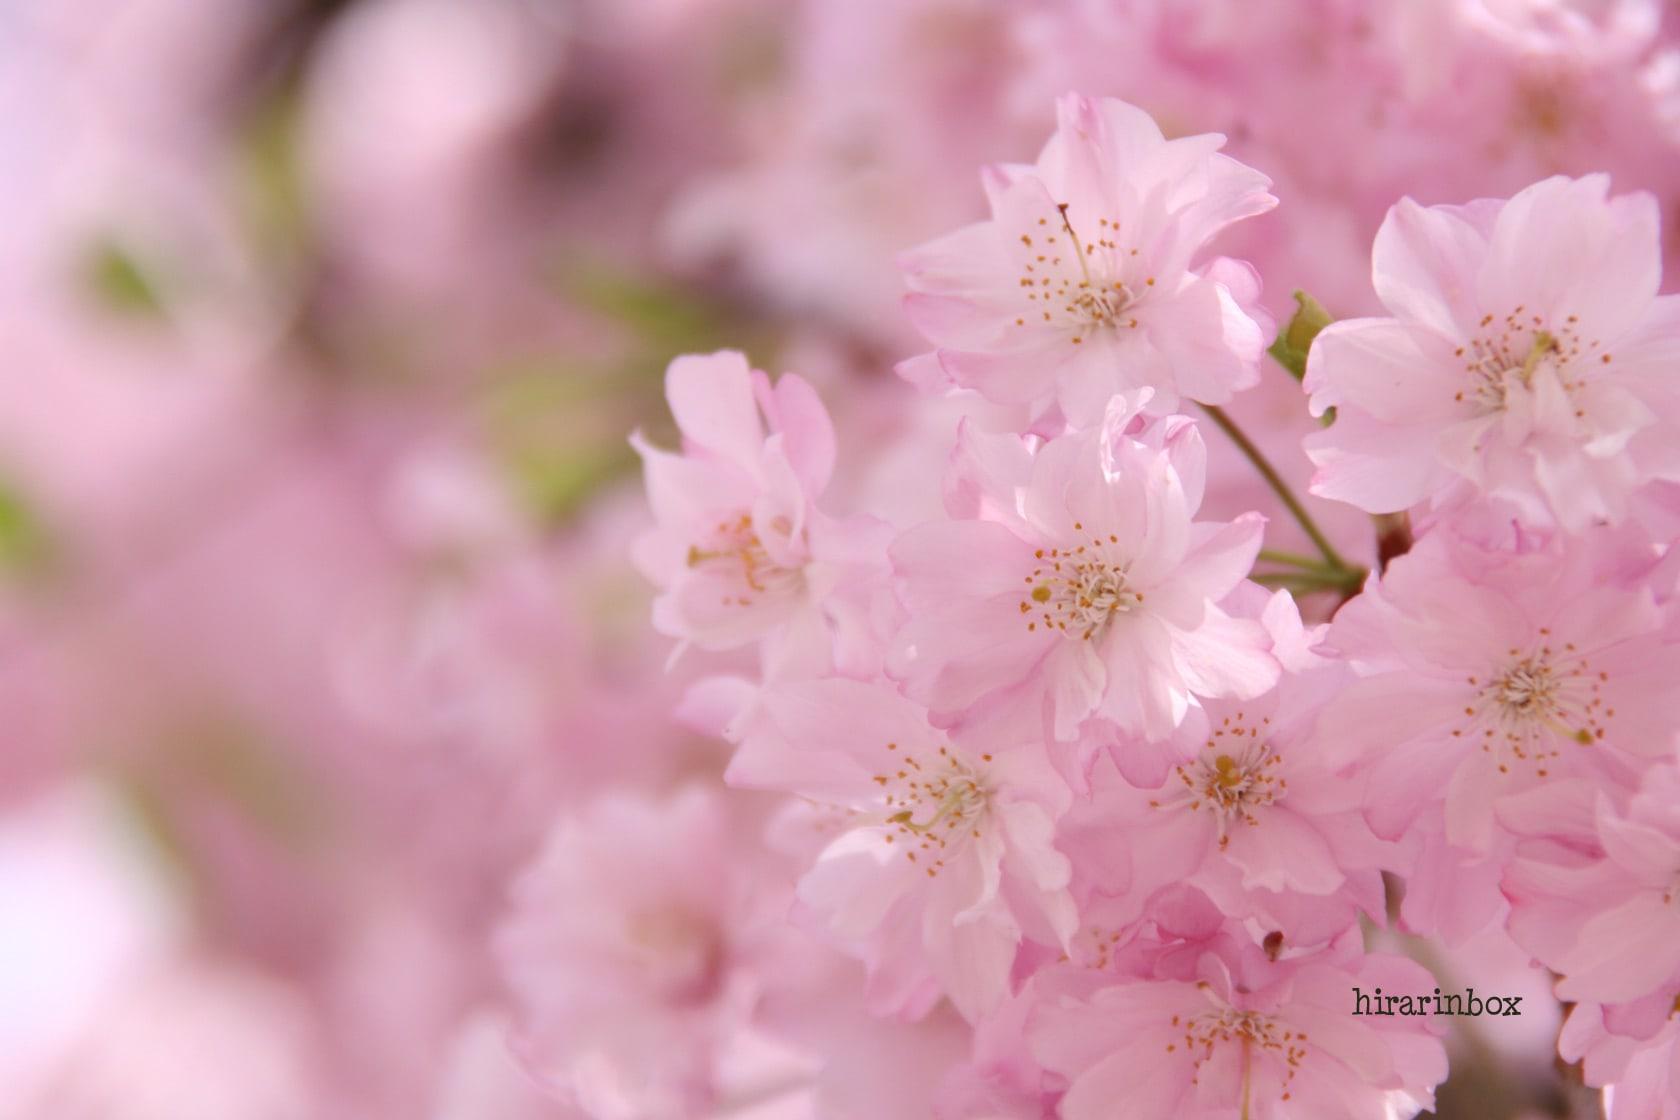 壁紙 桜 チューリップ ひらりん気まま日記